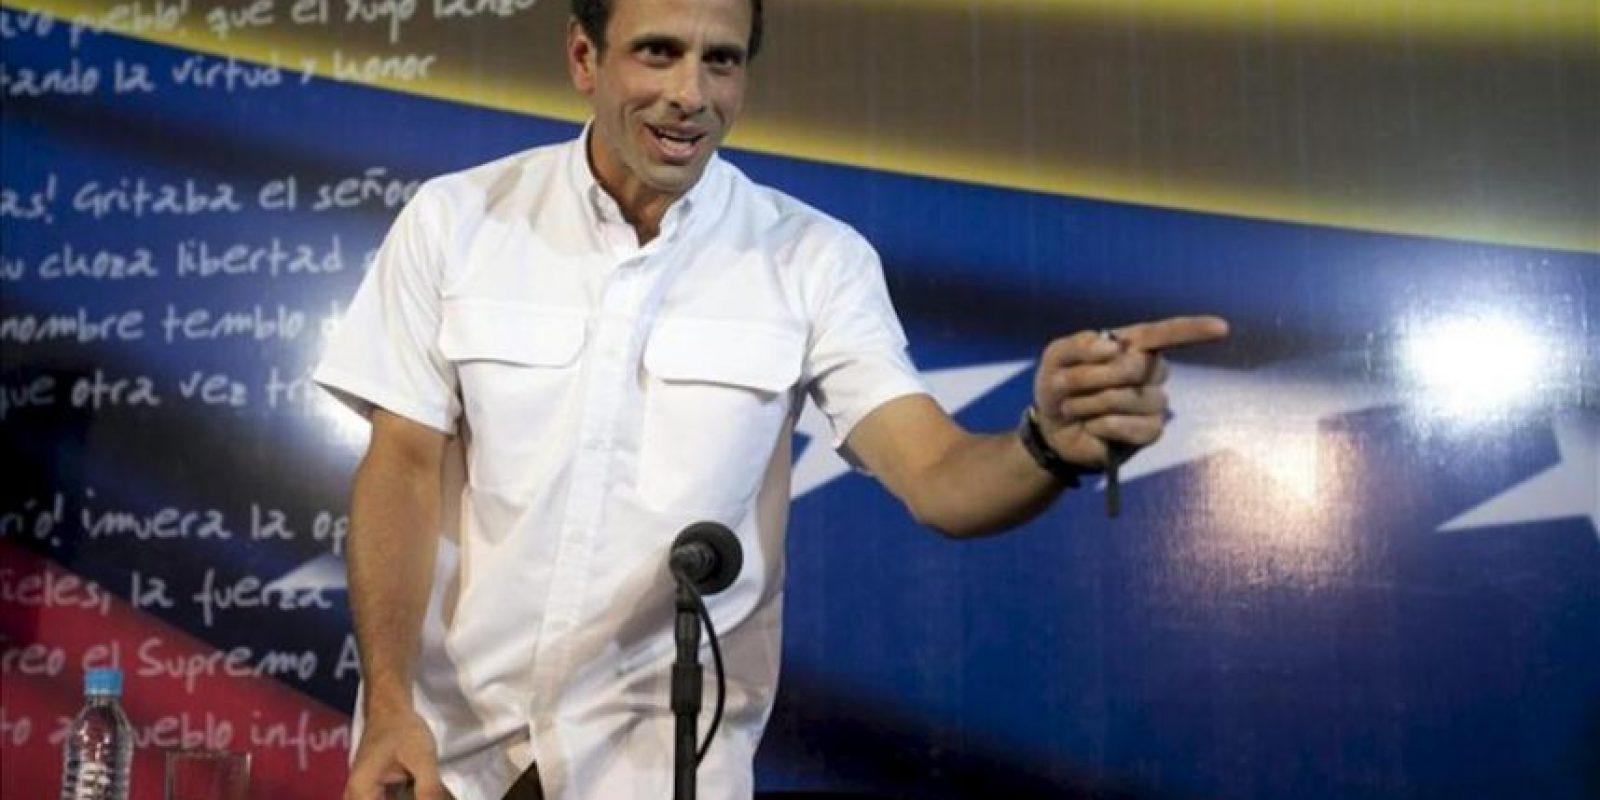 En la imagen, el líder opositor venezolano Henrique Capriles. EFE/Archivo